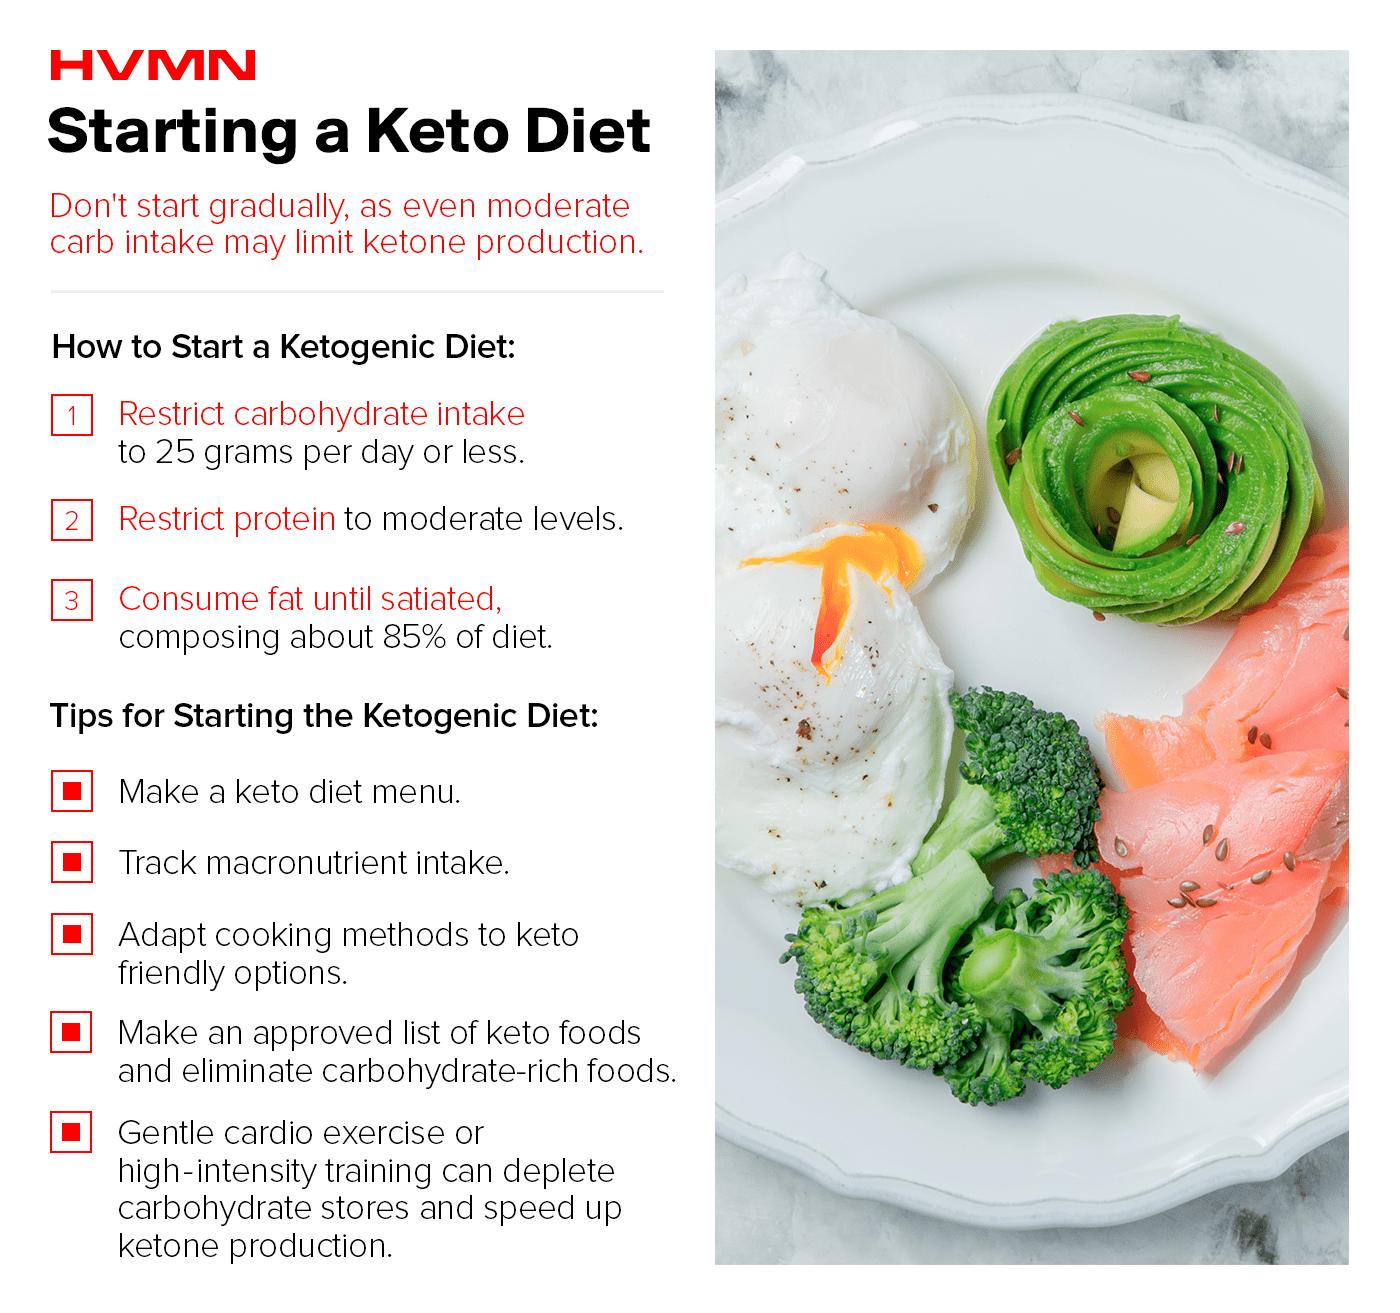 the best way to start keto diet